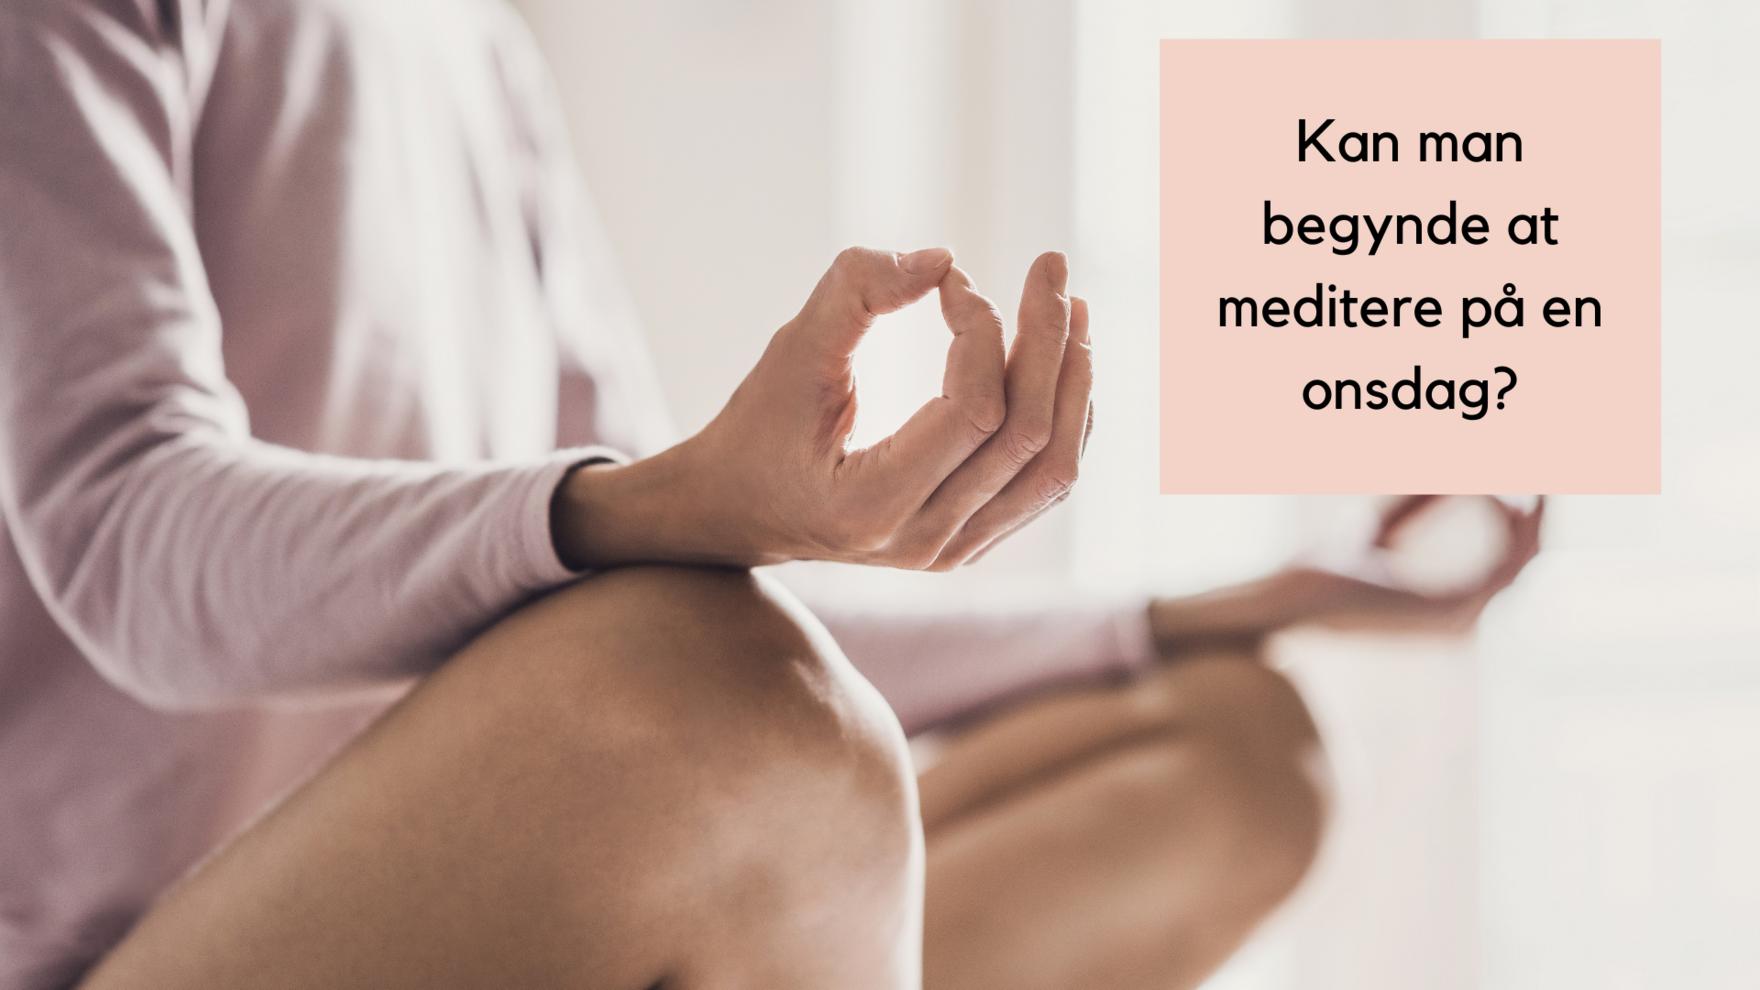 Kan man begynde at meditere på en onsdag?